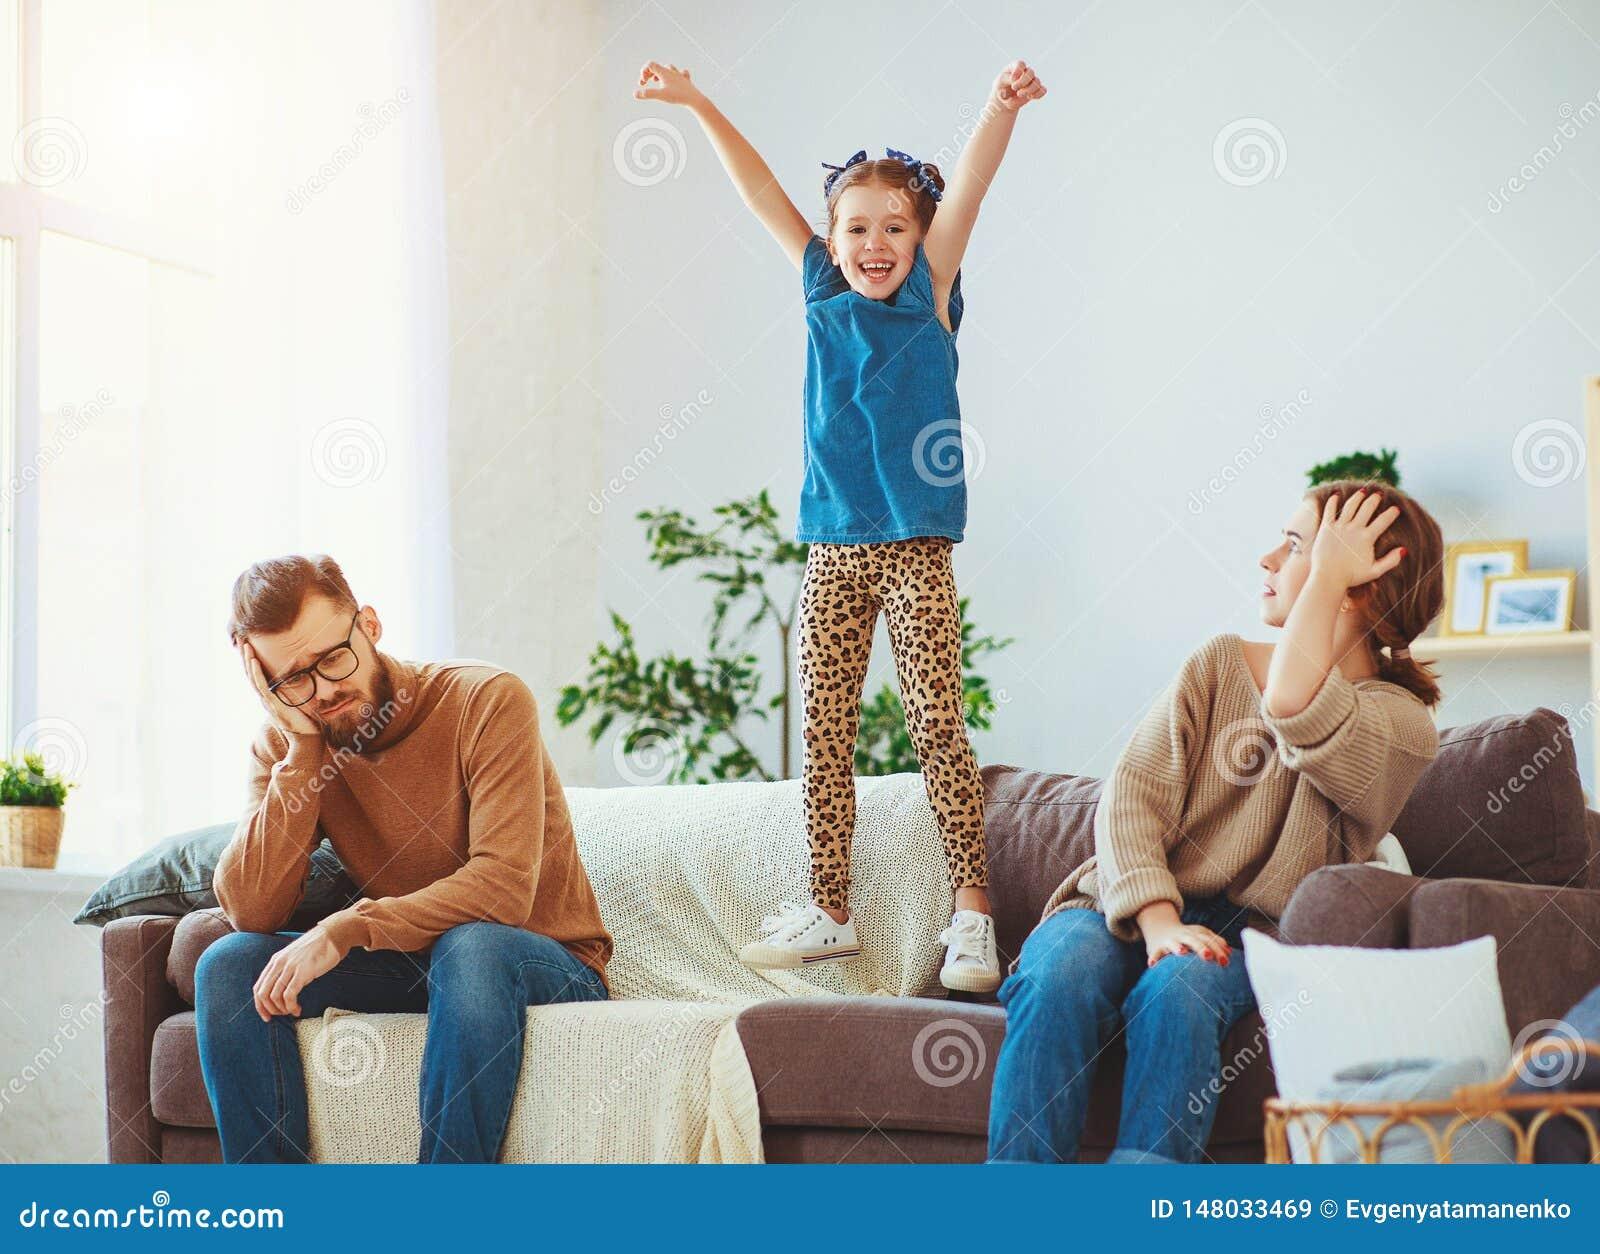 Το άτακτο, κακό, άλμα κοριτσιών παιδιών, το γέλιο και η κατοχή της διασκέδασης, γονείς τόνισαν με τον πονοκέφαλο